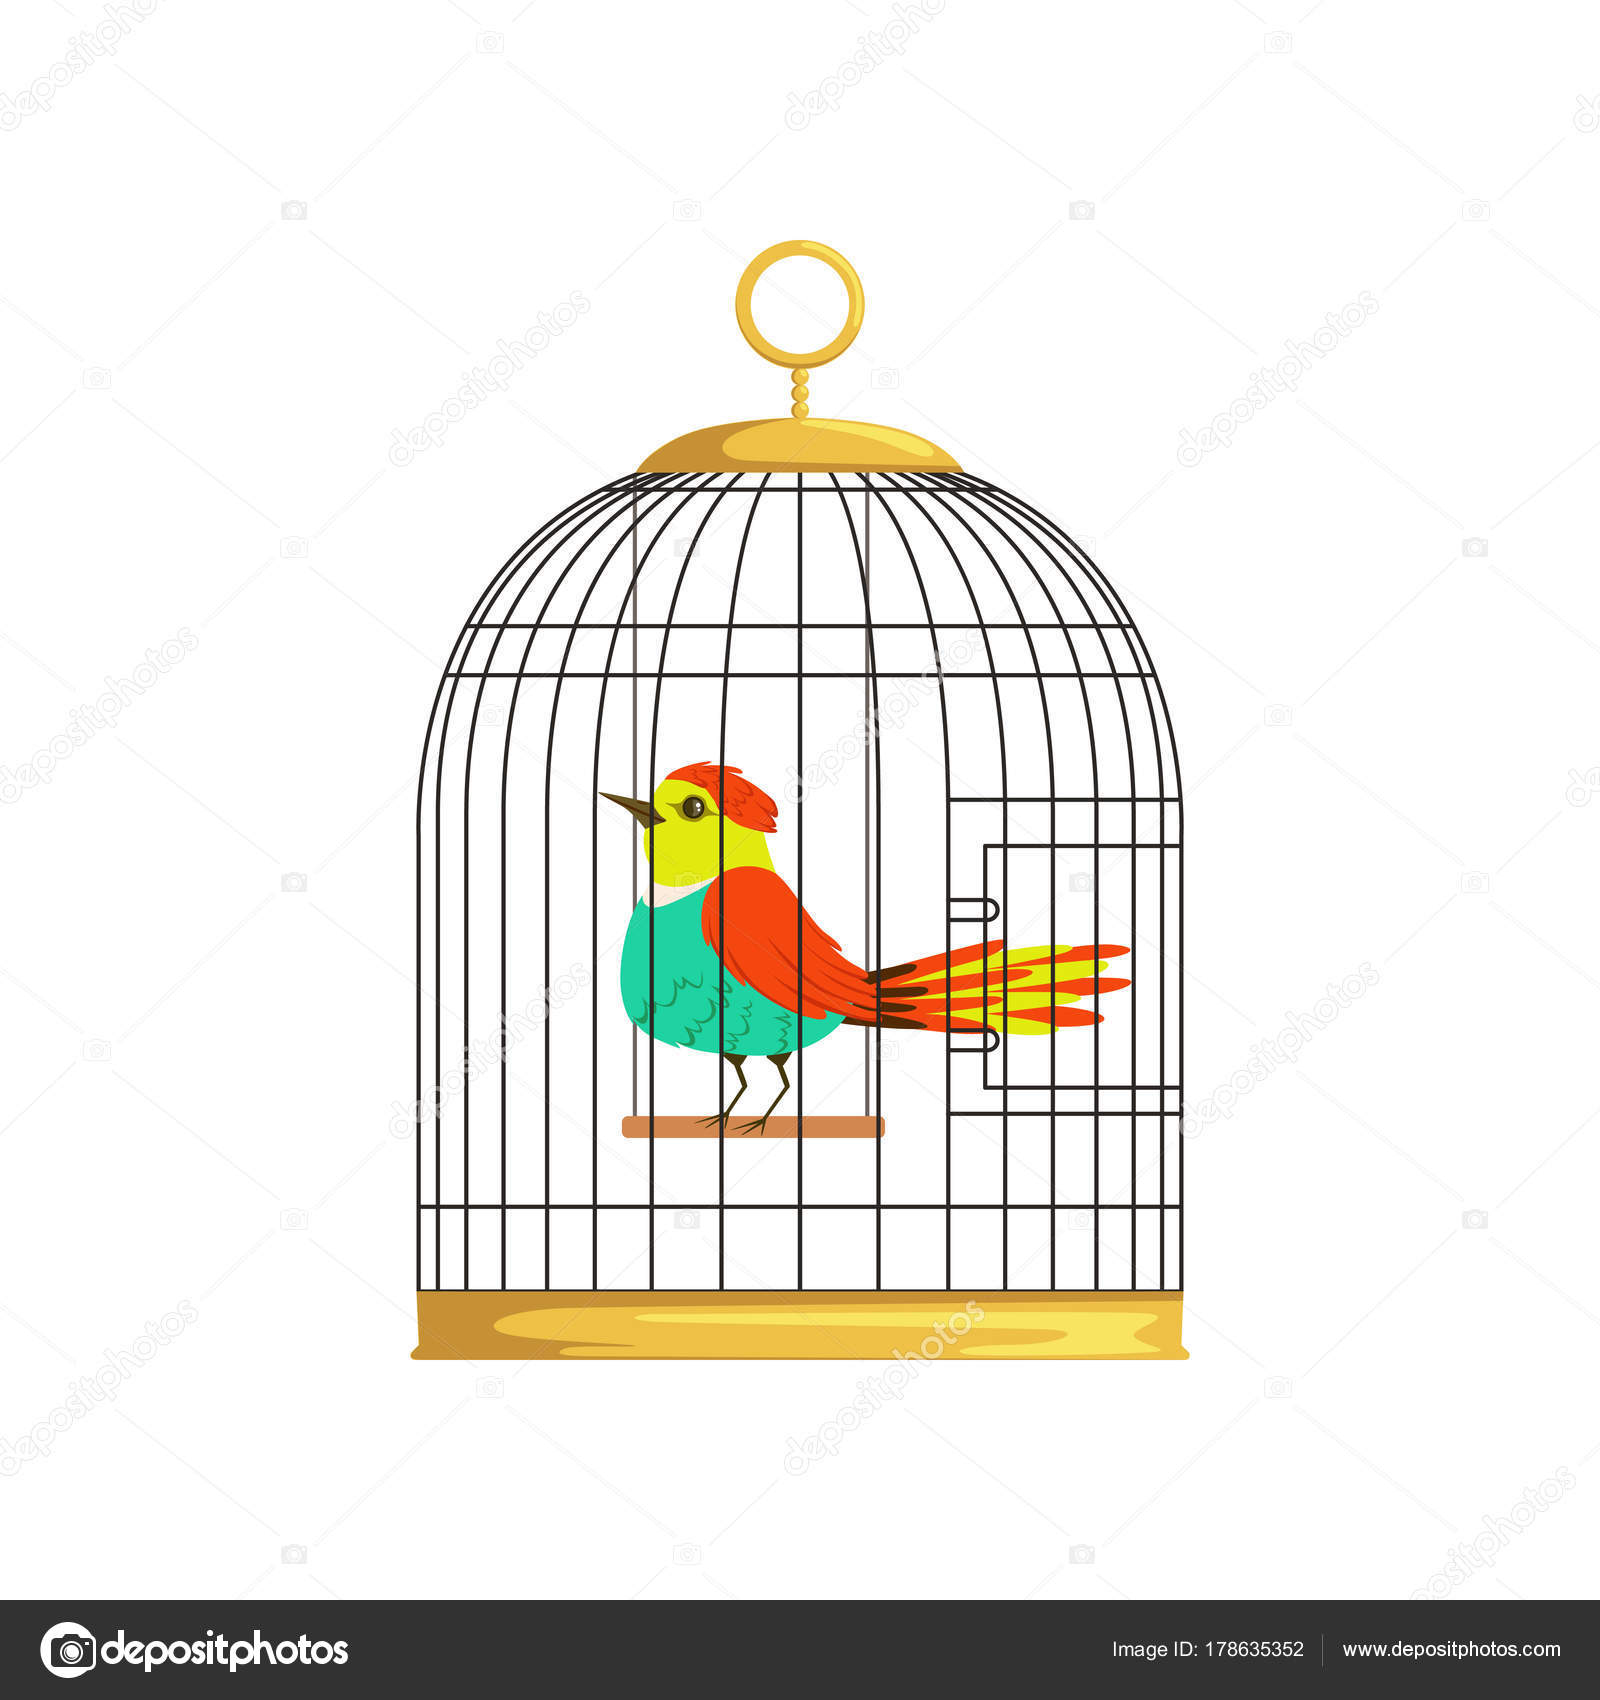 μεγάλο πουλί κρέμεται τσαπατσούλης σεξ βίντεο